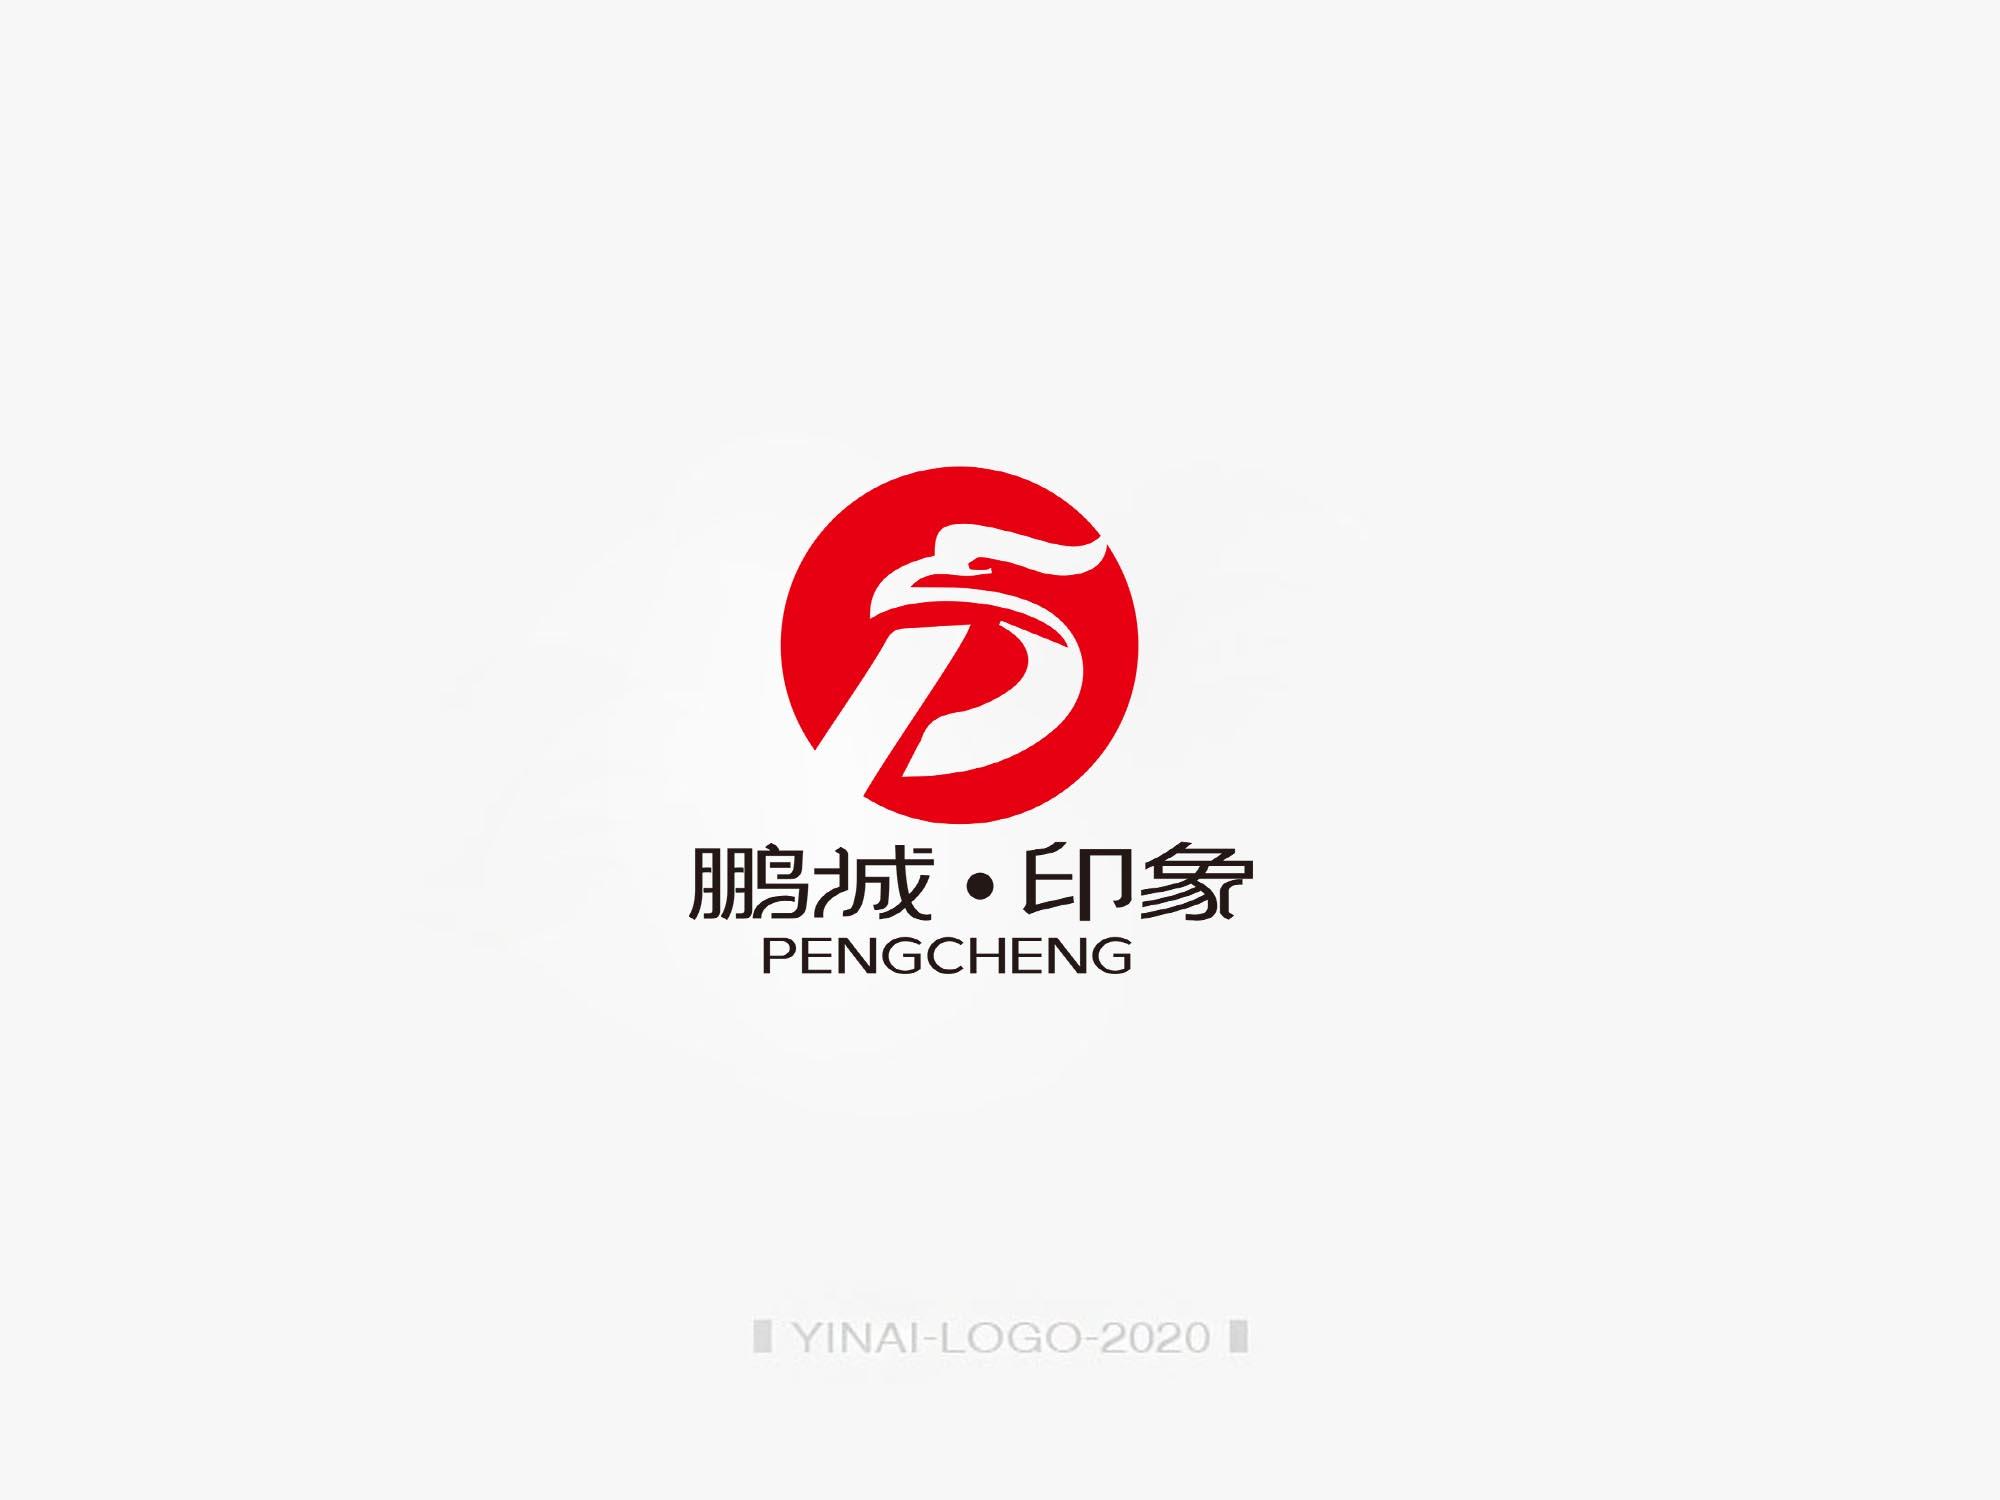 鹏城回忆-2020_3036119_k68威客网